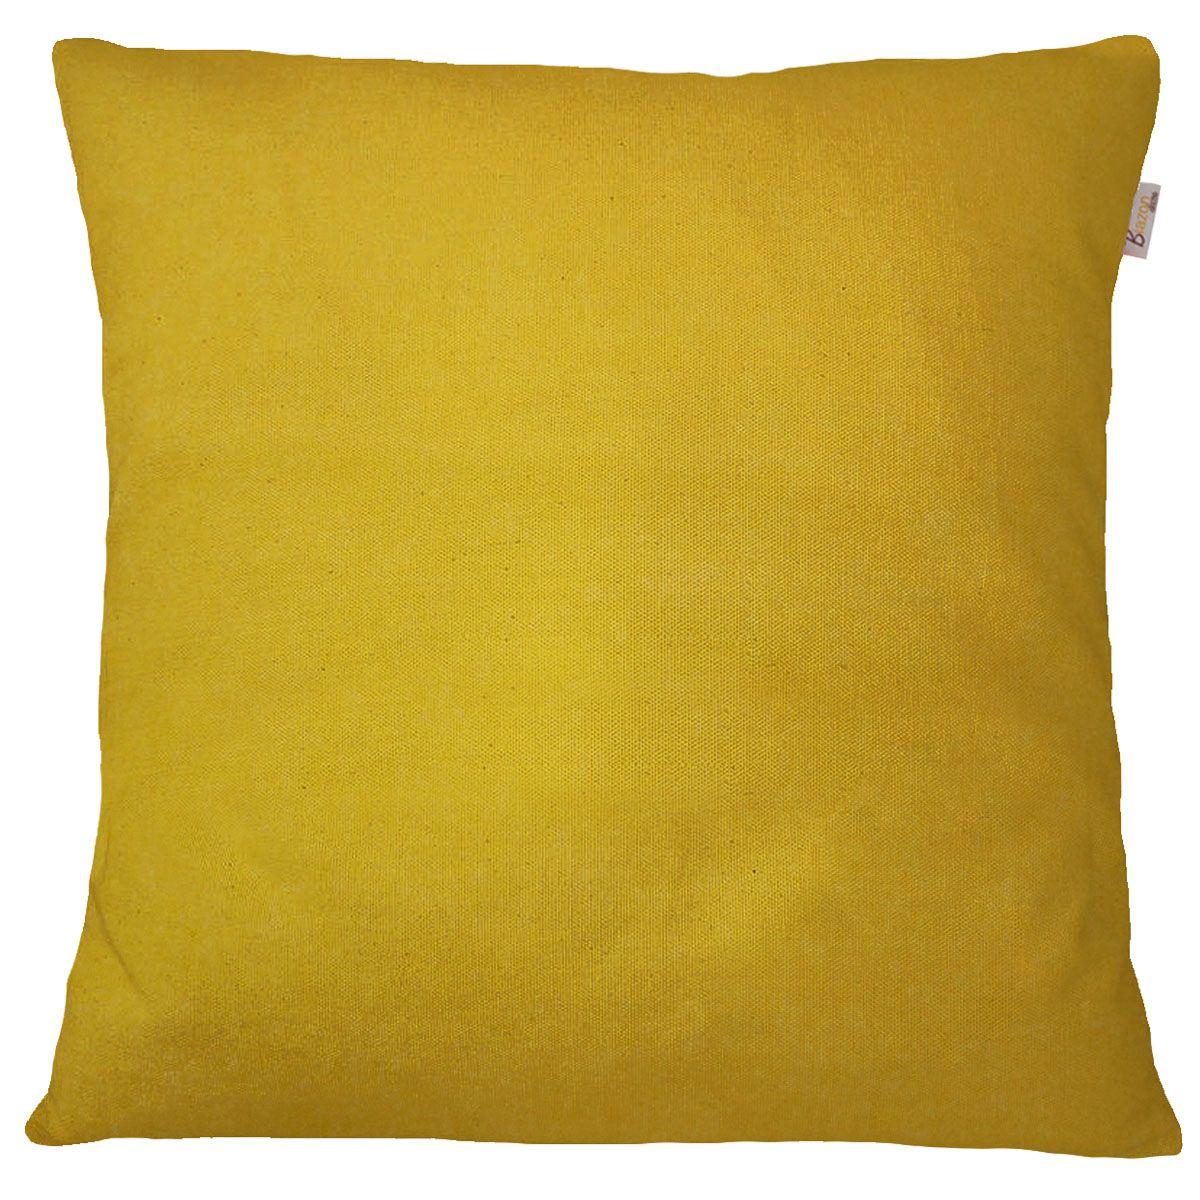 Capa de Almofada Jacquard Encanto Amarelo Liso 45x45cm